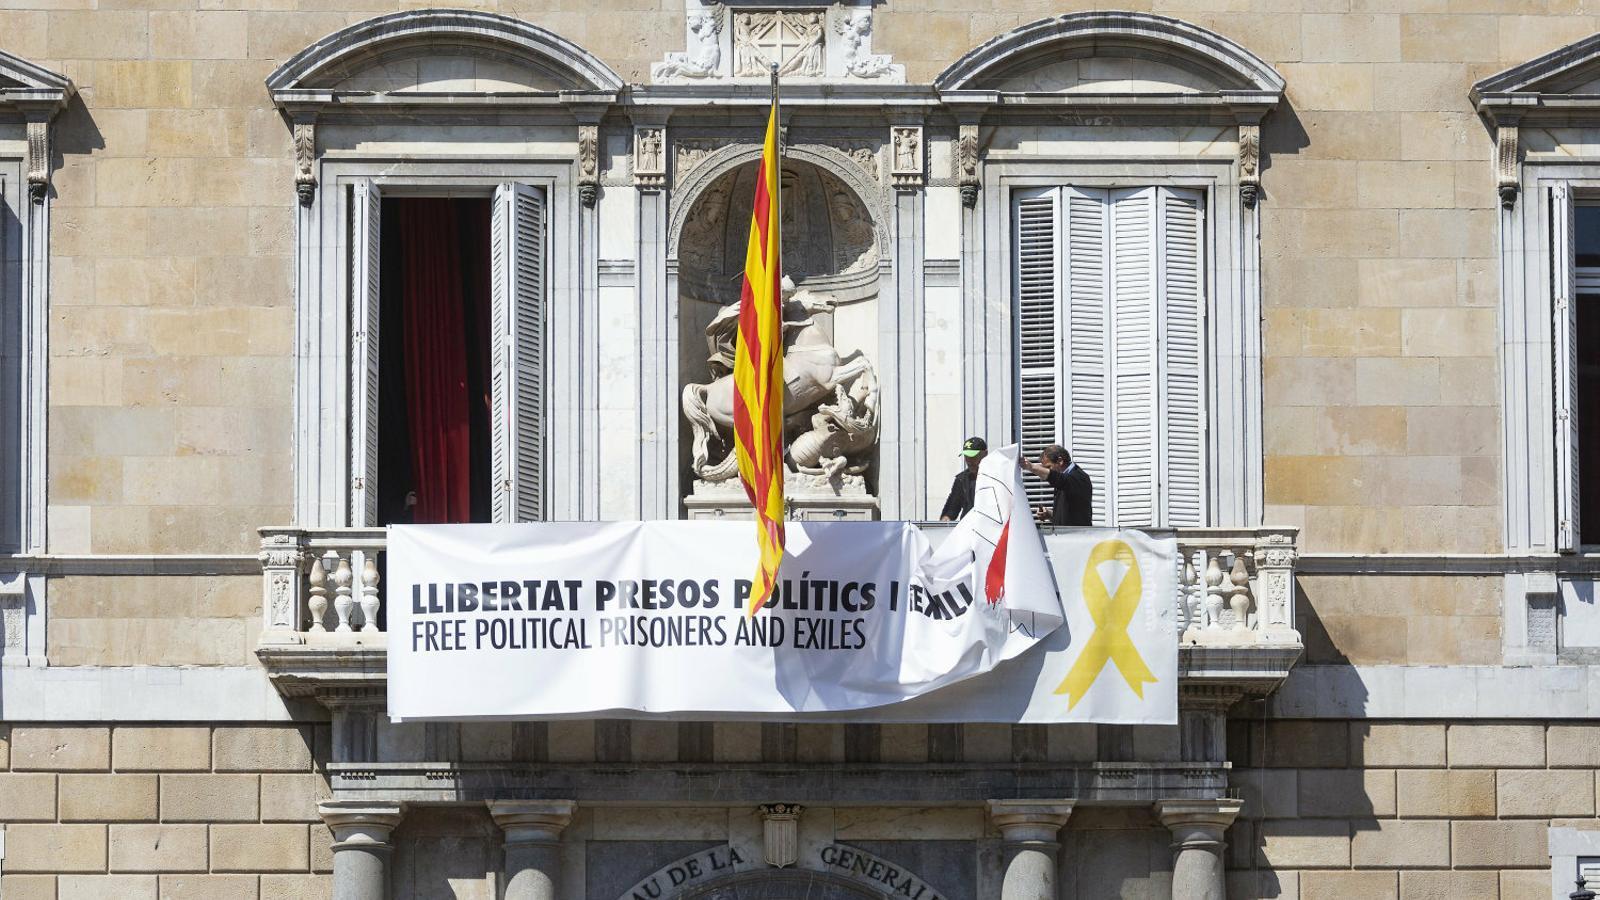 Torra afirma que no pagarà la multa de 5.500 euros per defensar els presos i criticar el 155 durant la campanya